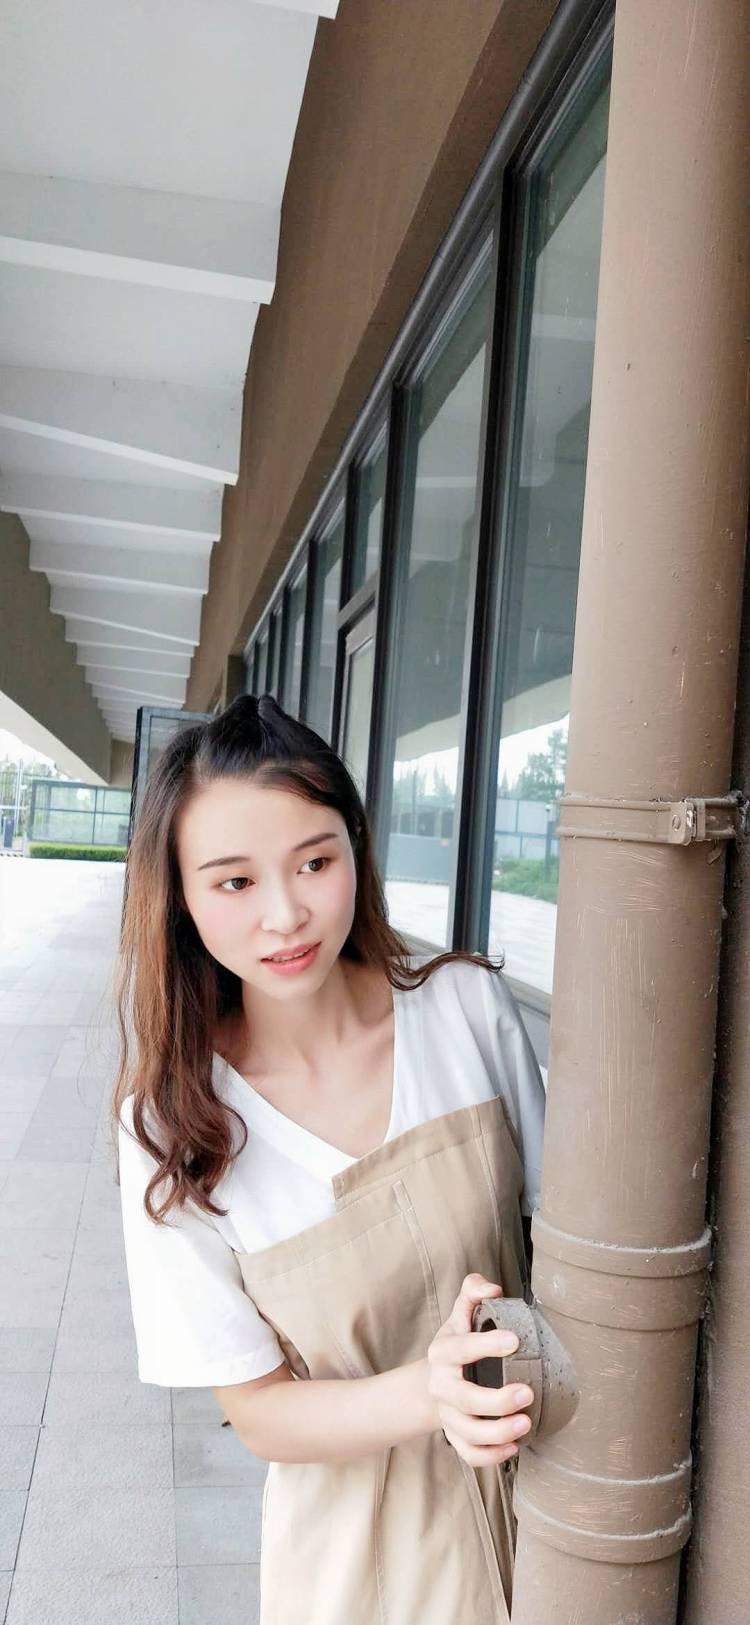 琉璃-四川省·成都市·双流区--约拍摄影师,周末都可以,成都范围内,日常生活照,费用希望互免。